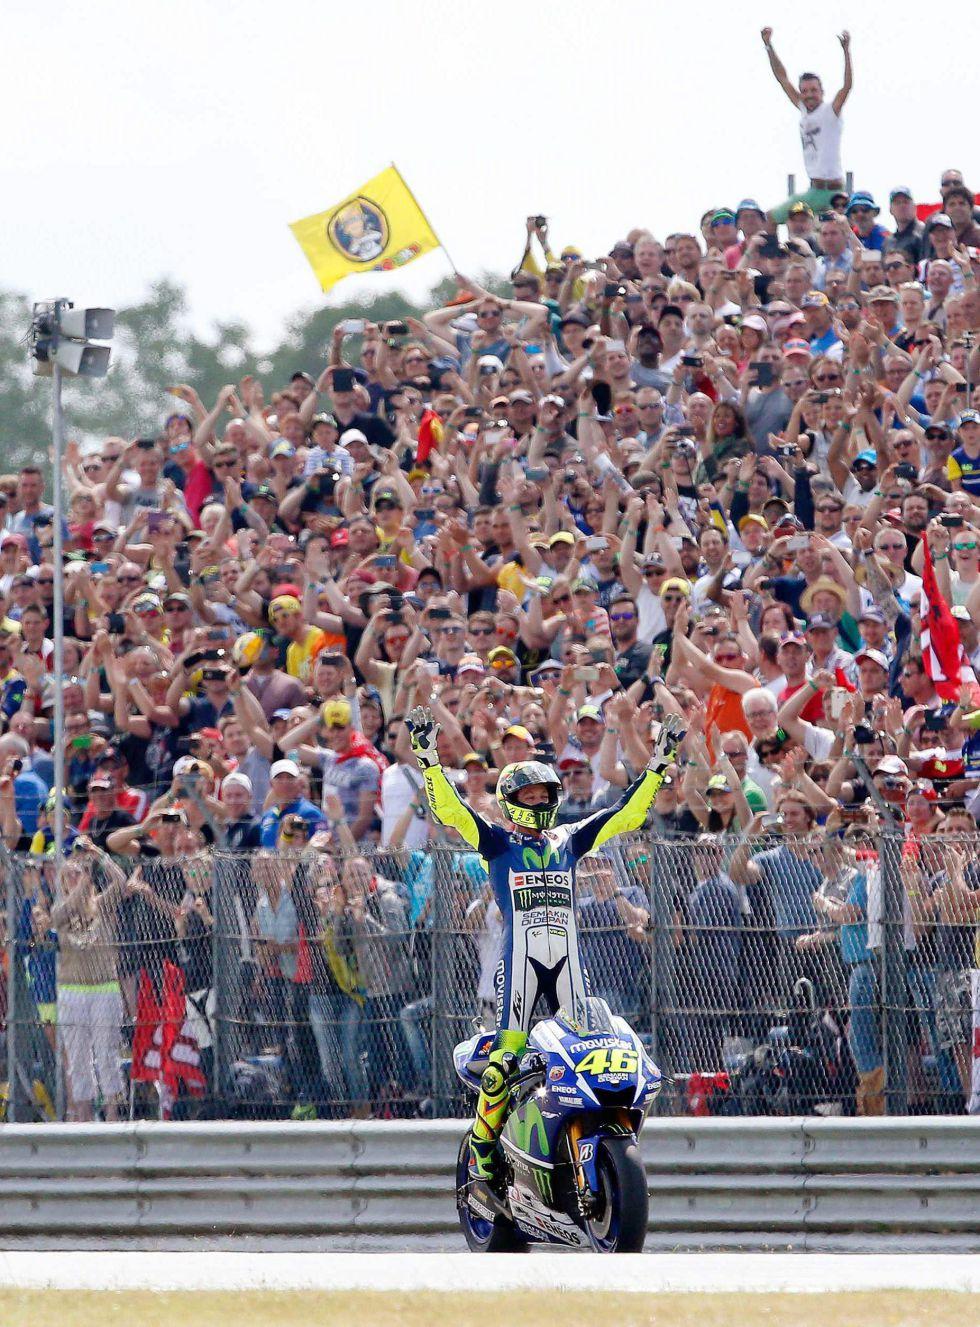 Gran Premio de Alemania 2015 1436356108_854002_1436356196_noticia_grande